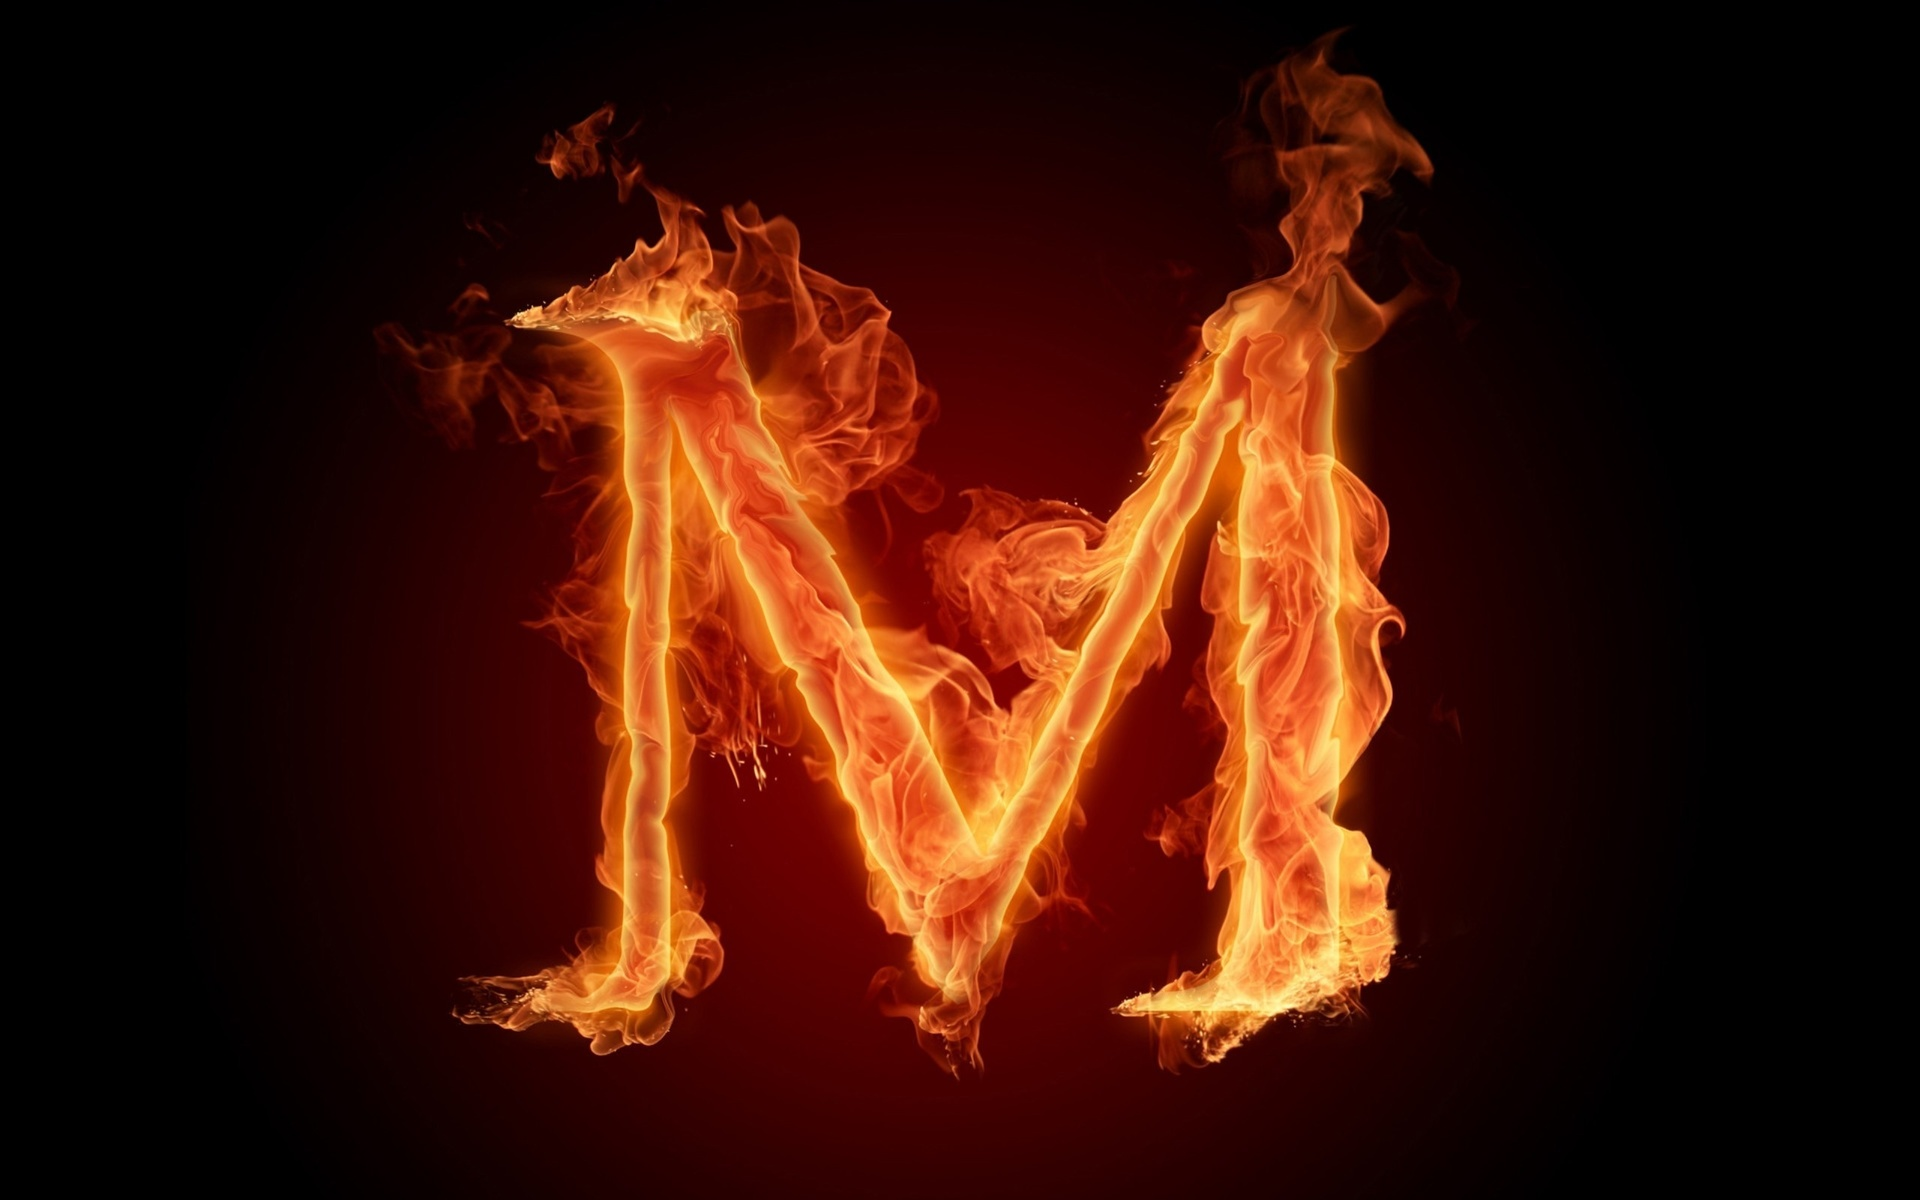 это картинки огонь с именем отличается